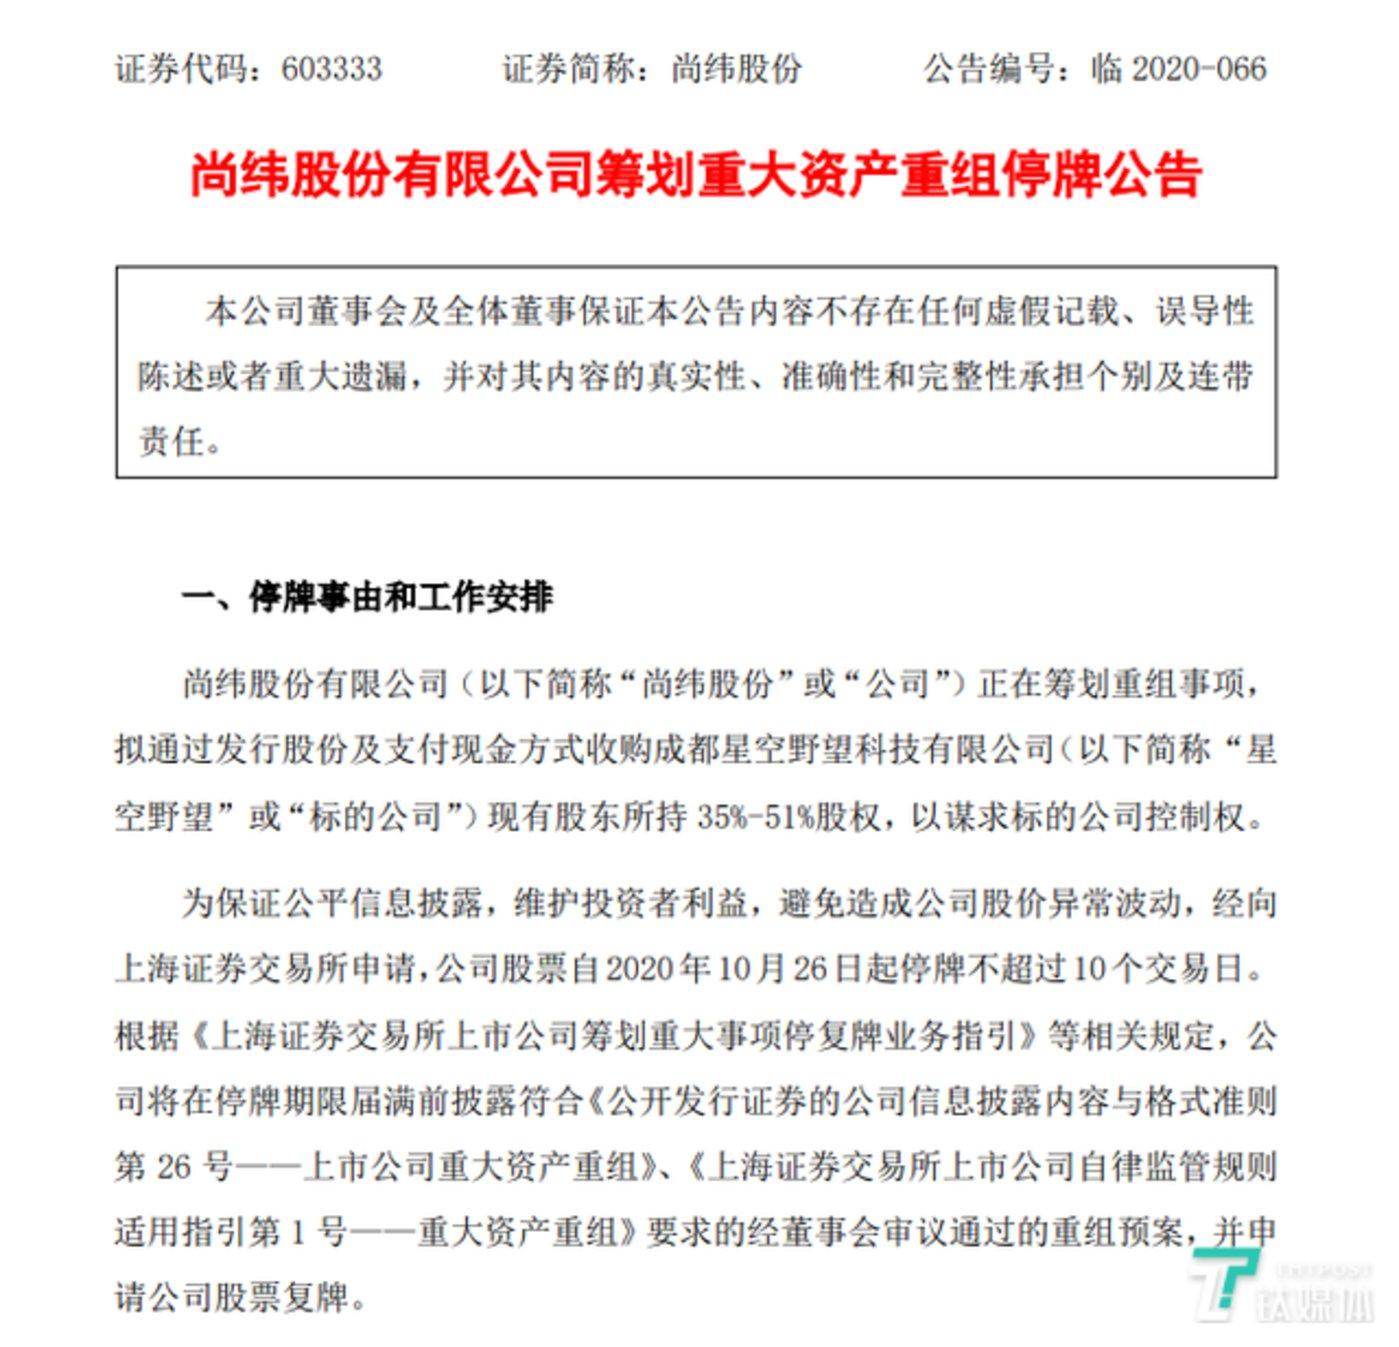 尚纬股份发布公告要收购星空野望公司